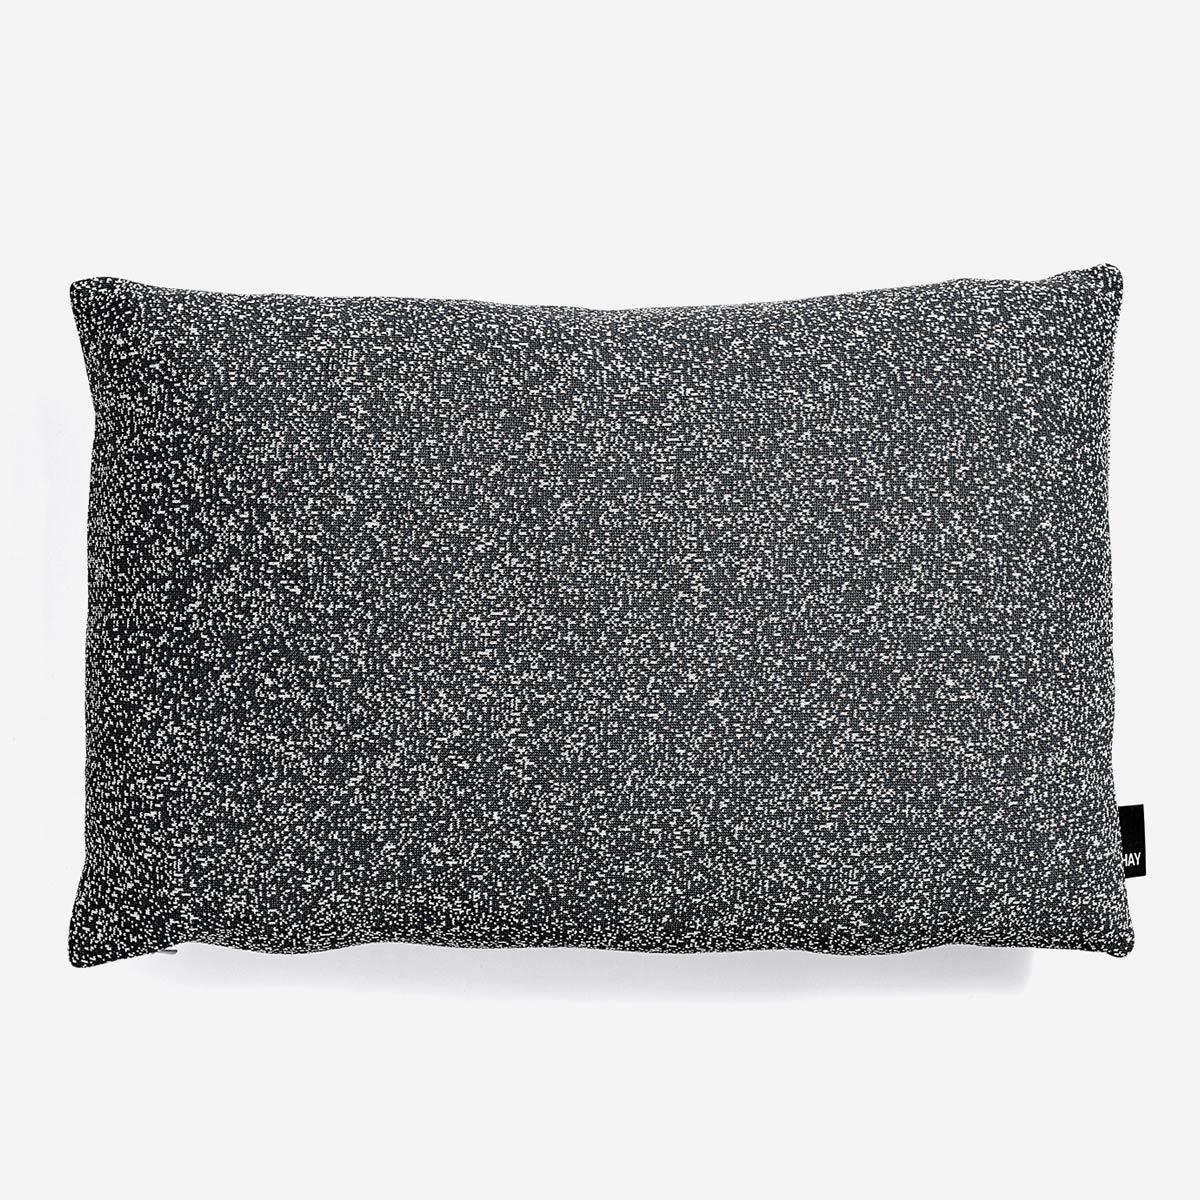 rikiki grafik produkt kissen eclectic grey. Black Bedroom Furniture Sets. Home Design Ideas